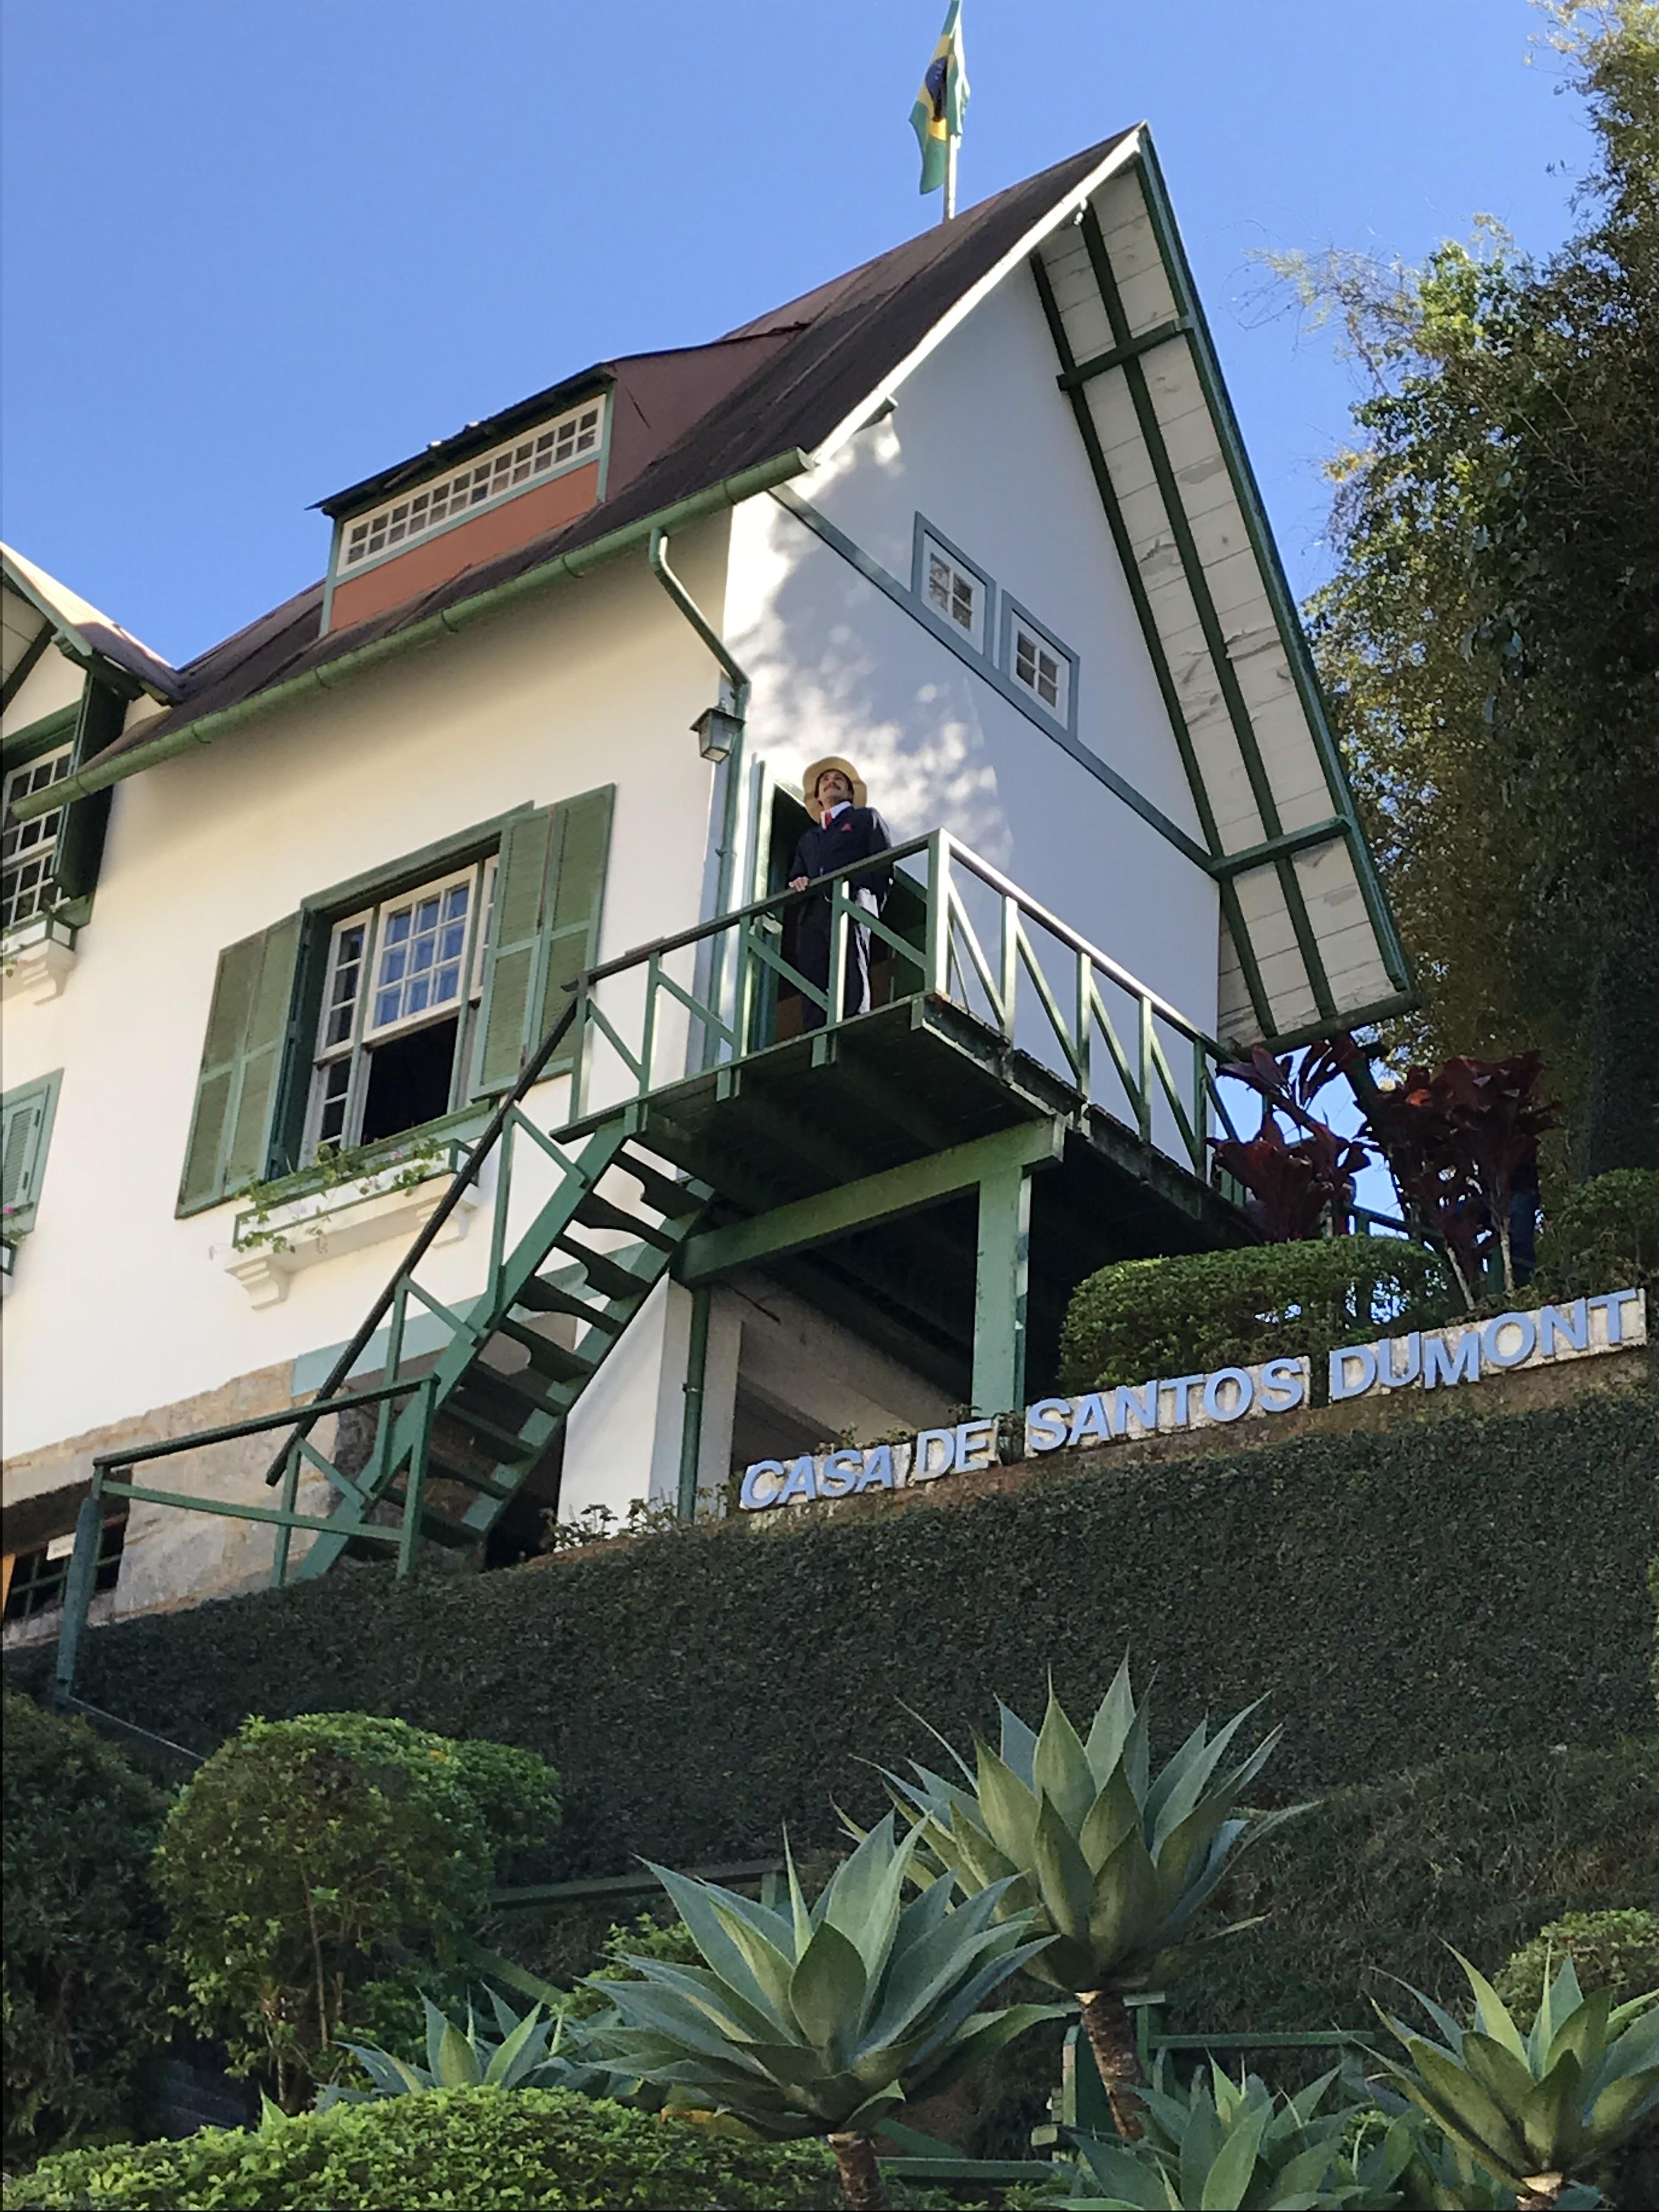 Casa de Santos Dumont, em Petrópolis, tem entrada gratuita neste domingo em comemoração aos seus 100 anos